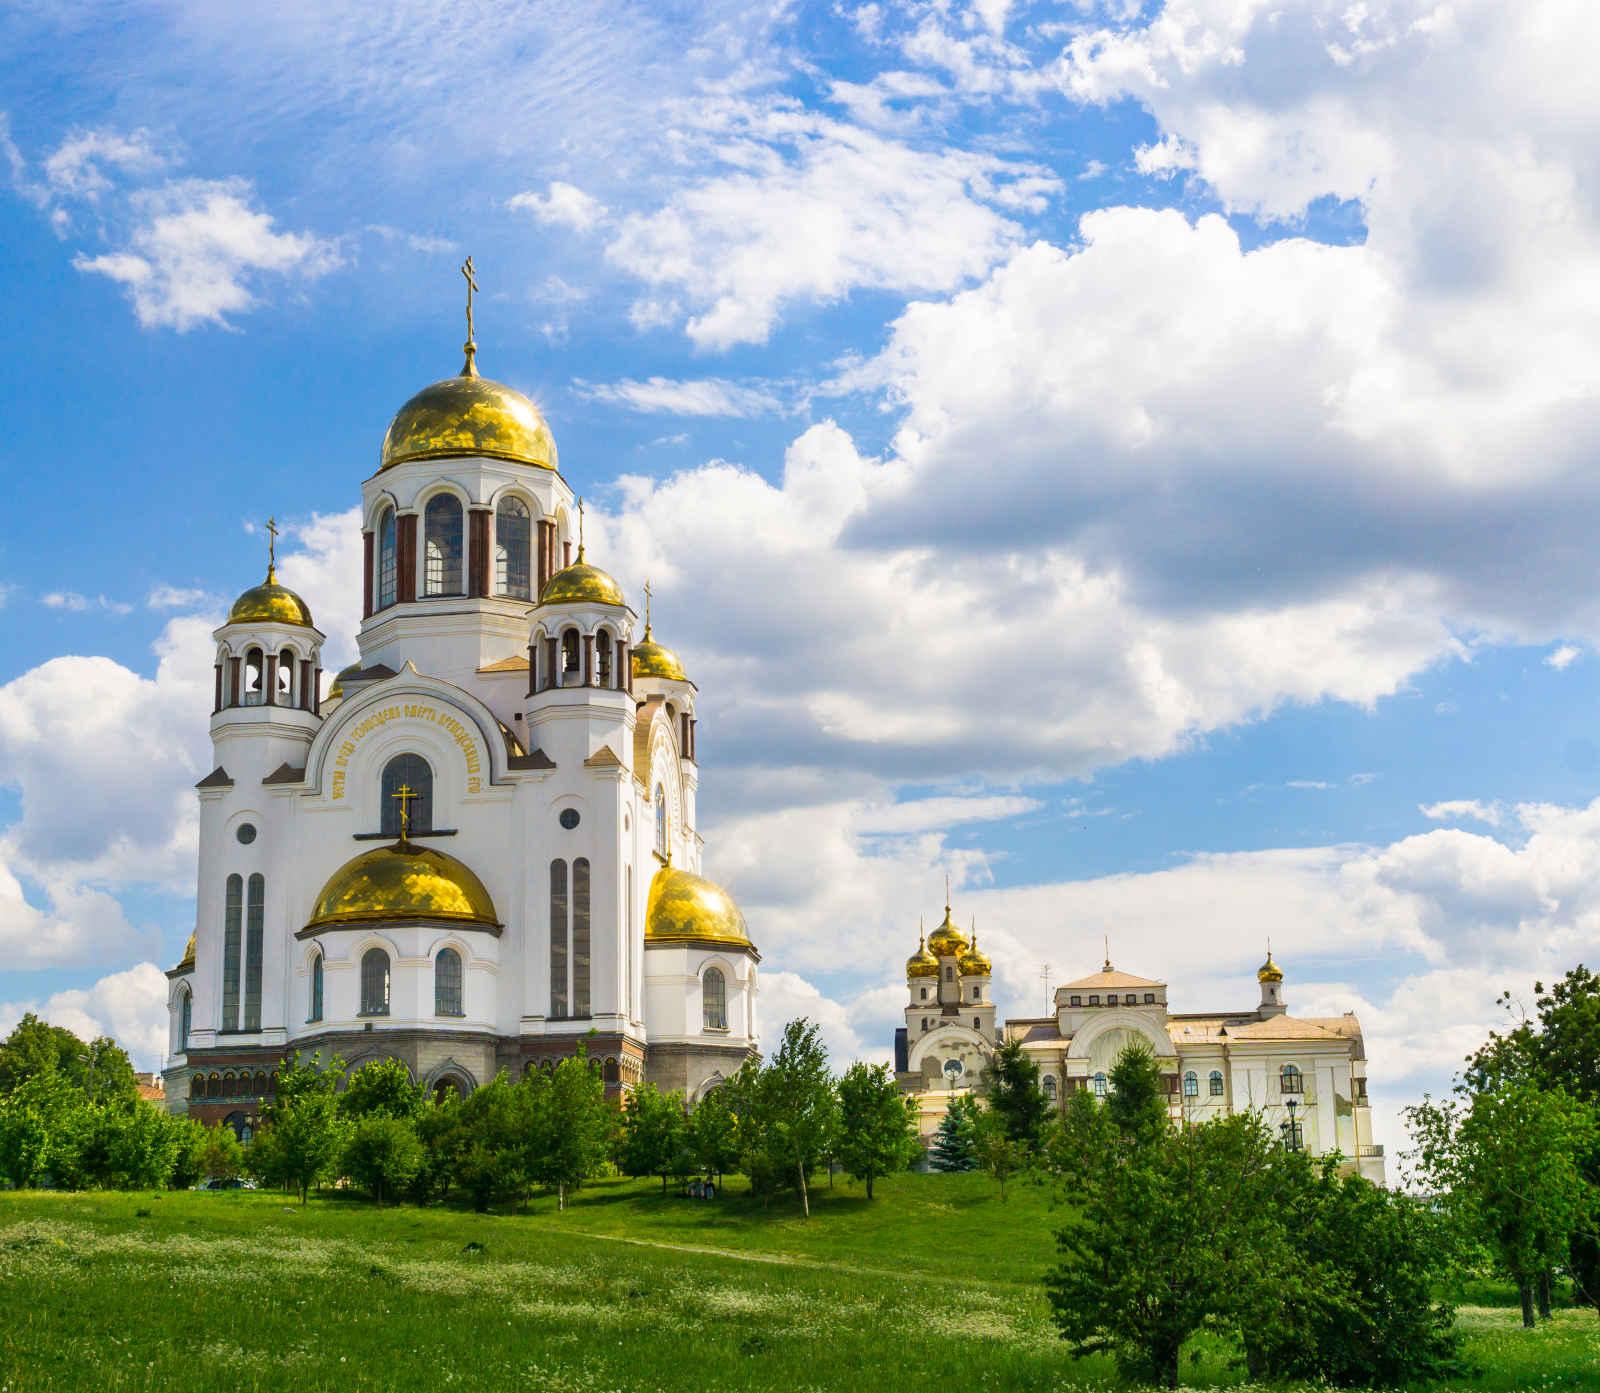 Russie : L'Or des tsars à bord du Transsibérien